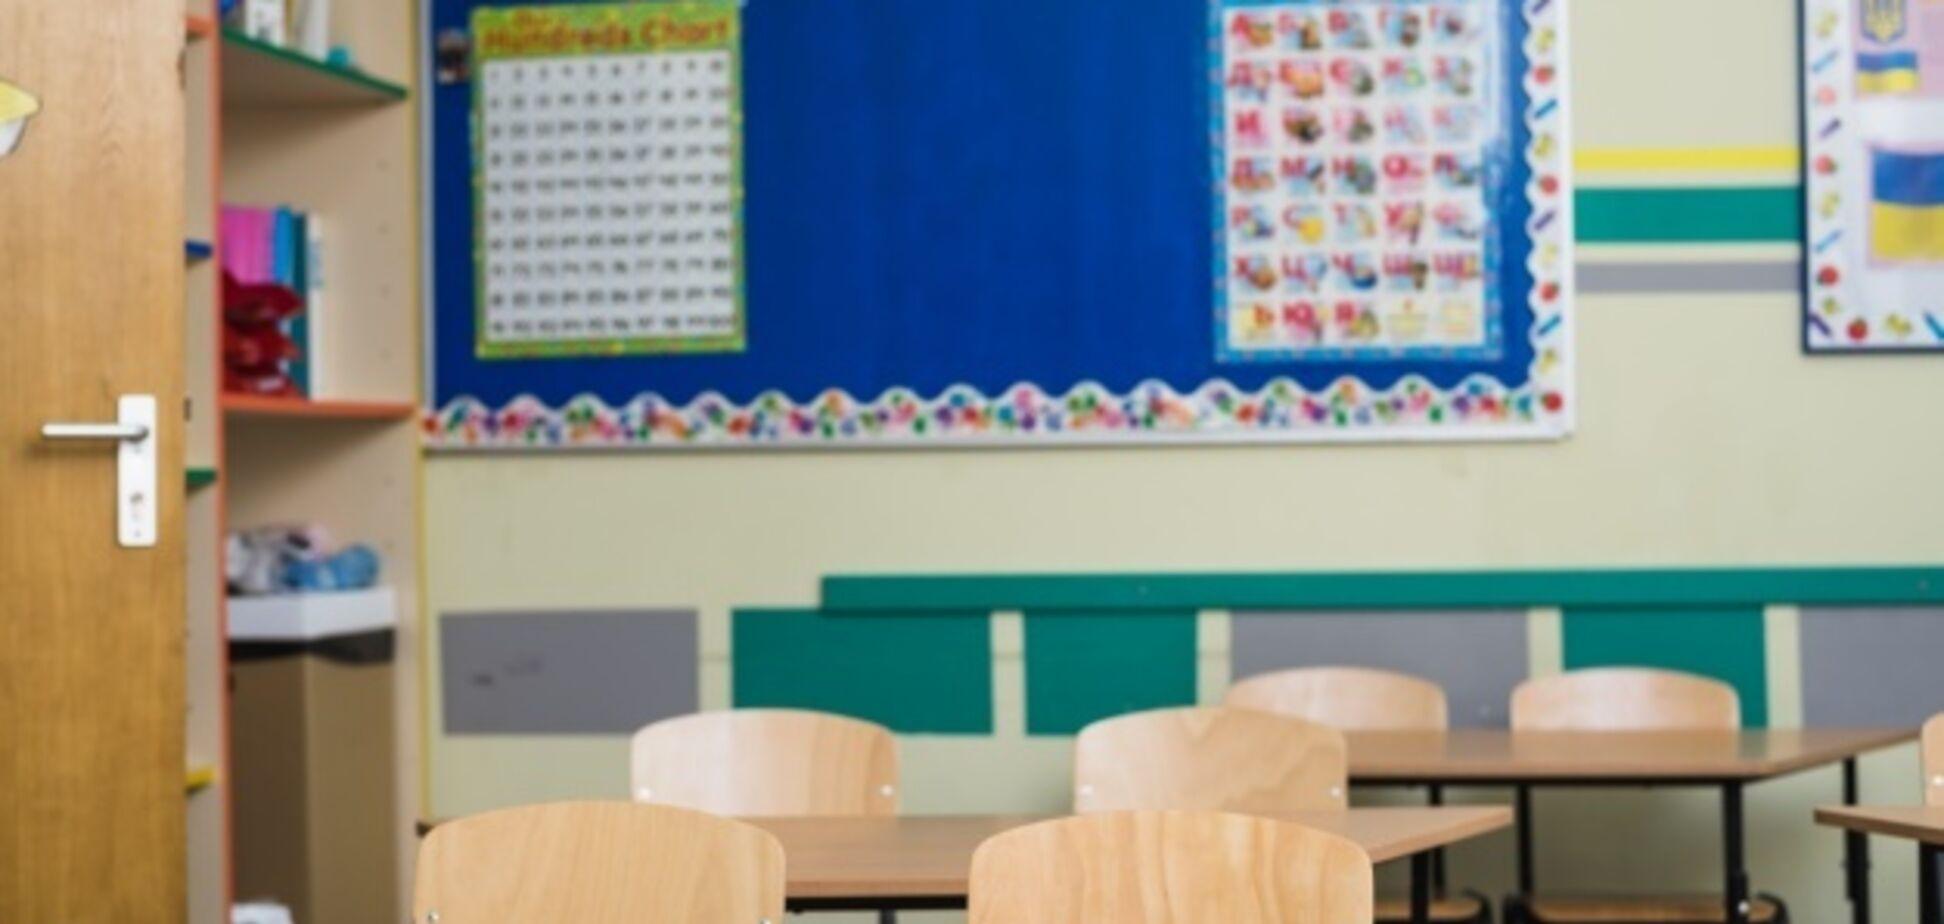 В Одессе срочно закрывают школы из-за гриппа